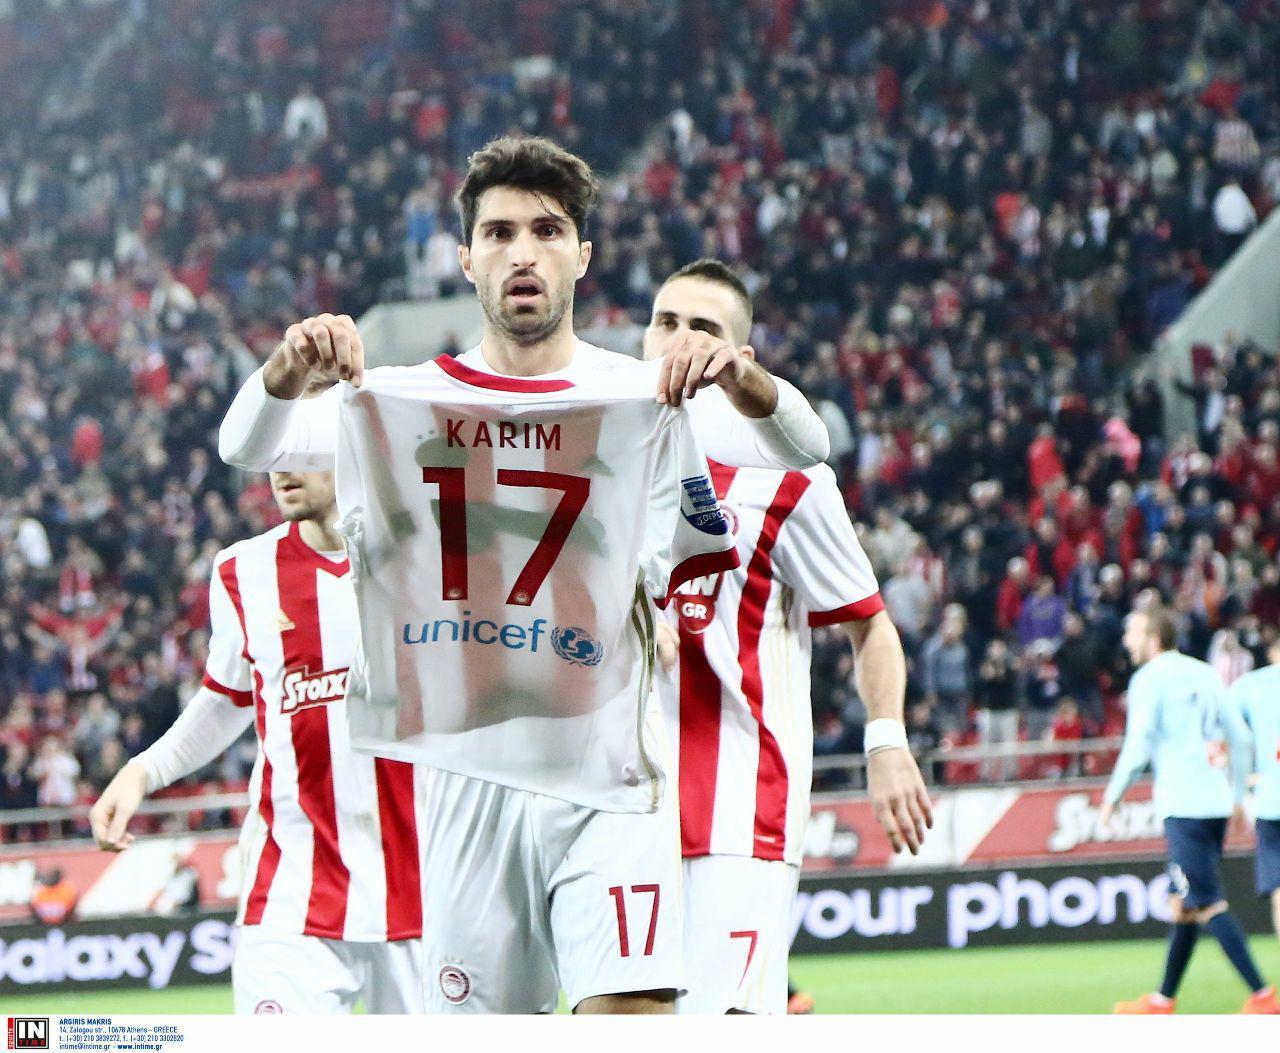 درخشش و دبل کریم انصاری فرد در بازی مقابل آپولون در لیگ یونان